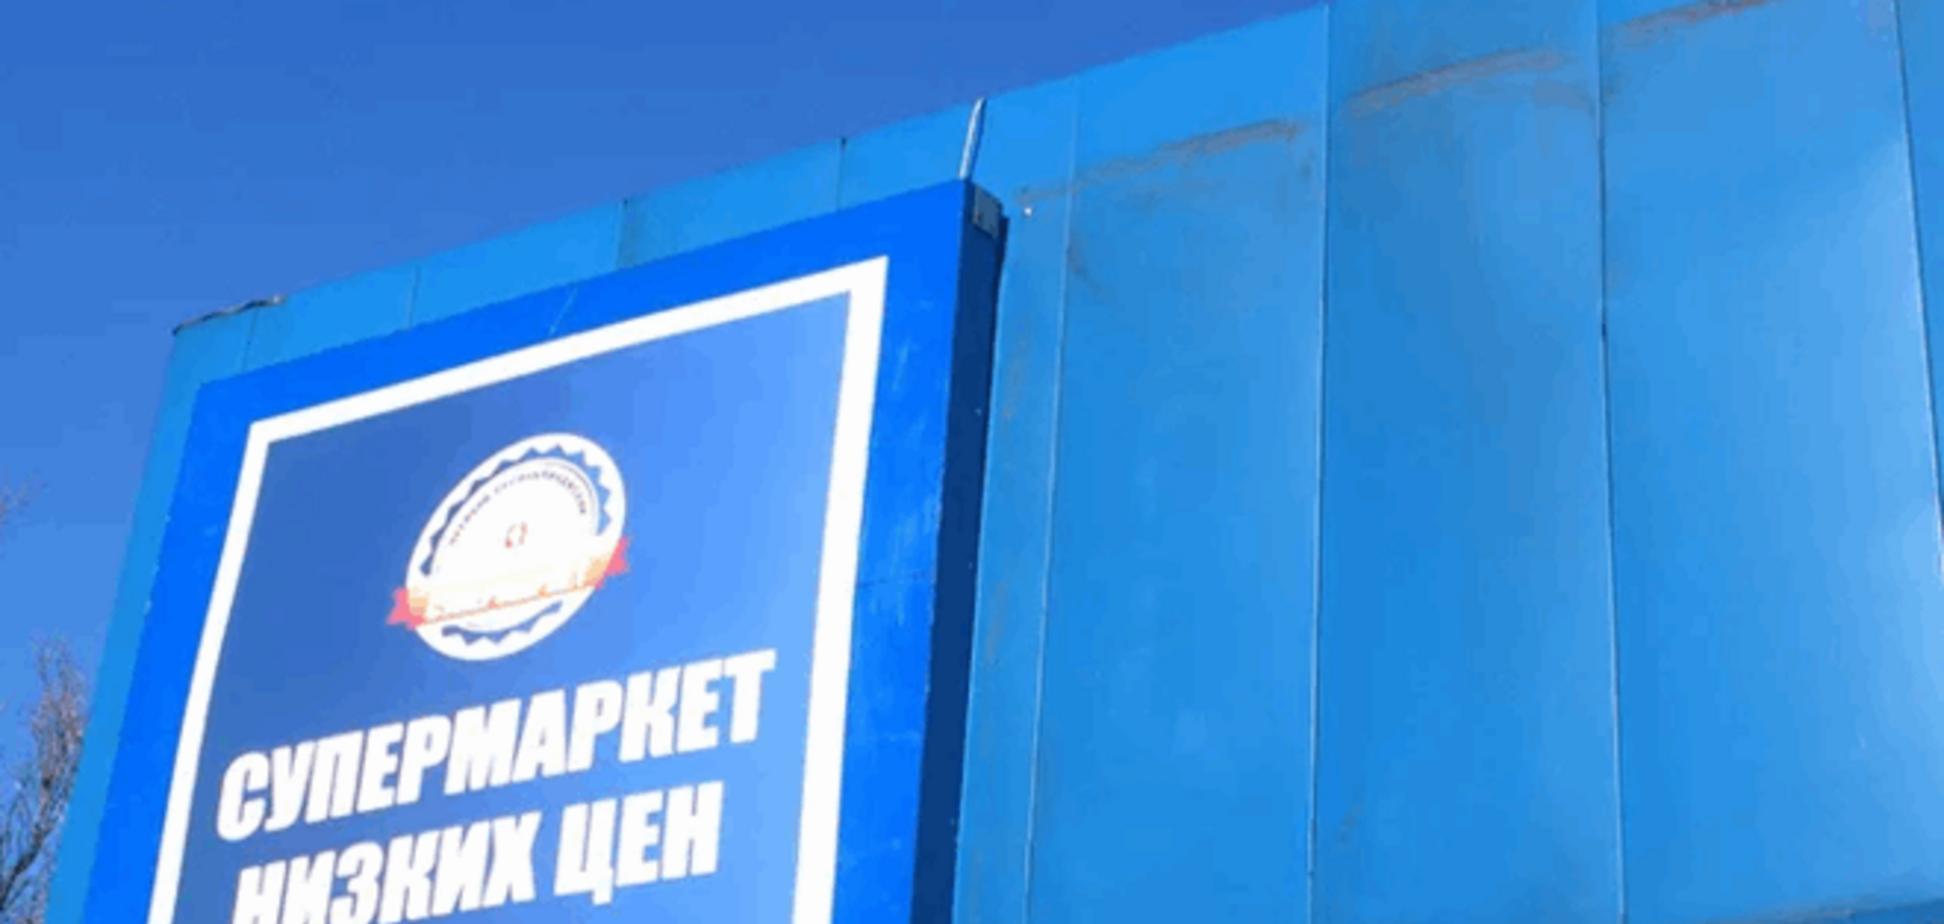 Ценники на мове и фейковый 'сыр' по 100 грн/кг: опубликован фоторепортаж из 'отжатого' супермаркета 'ДНР'